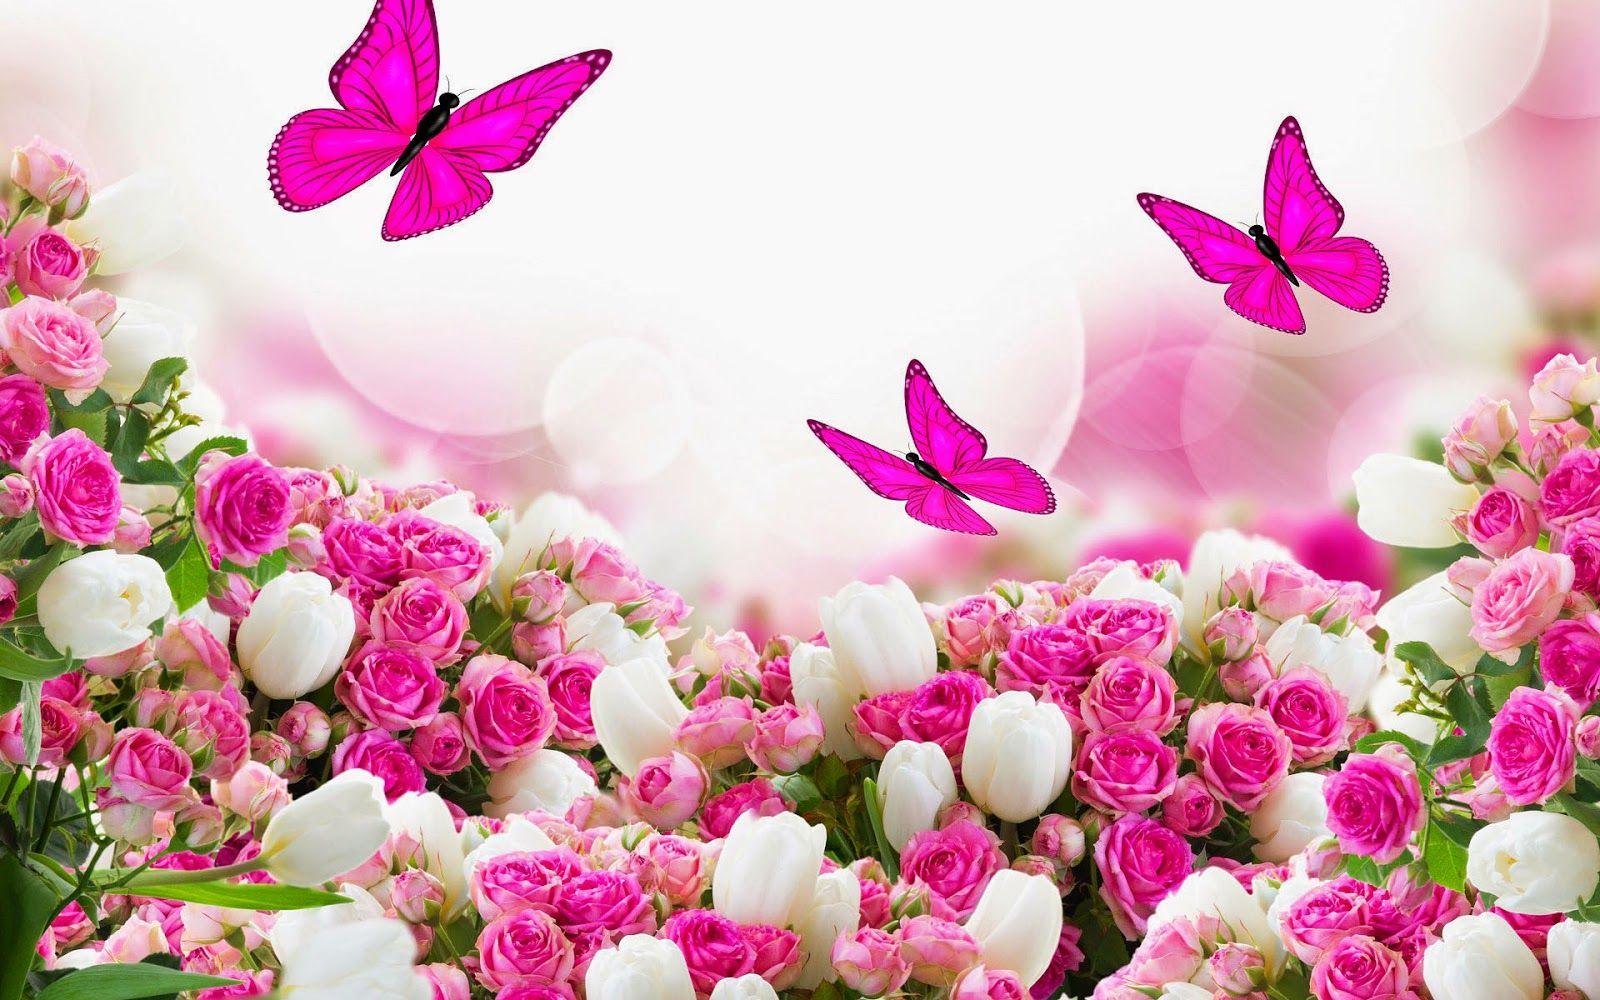 schmetterlingen tulpen und rosen  hd hintergrundbilder